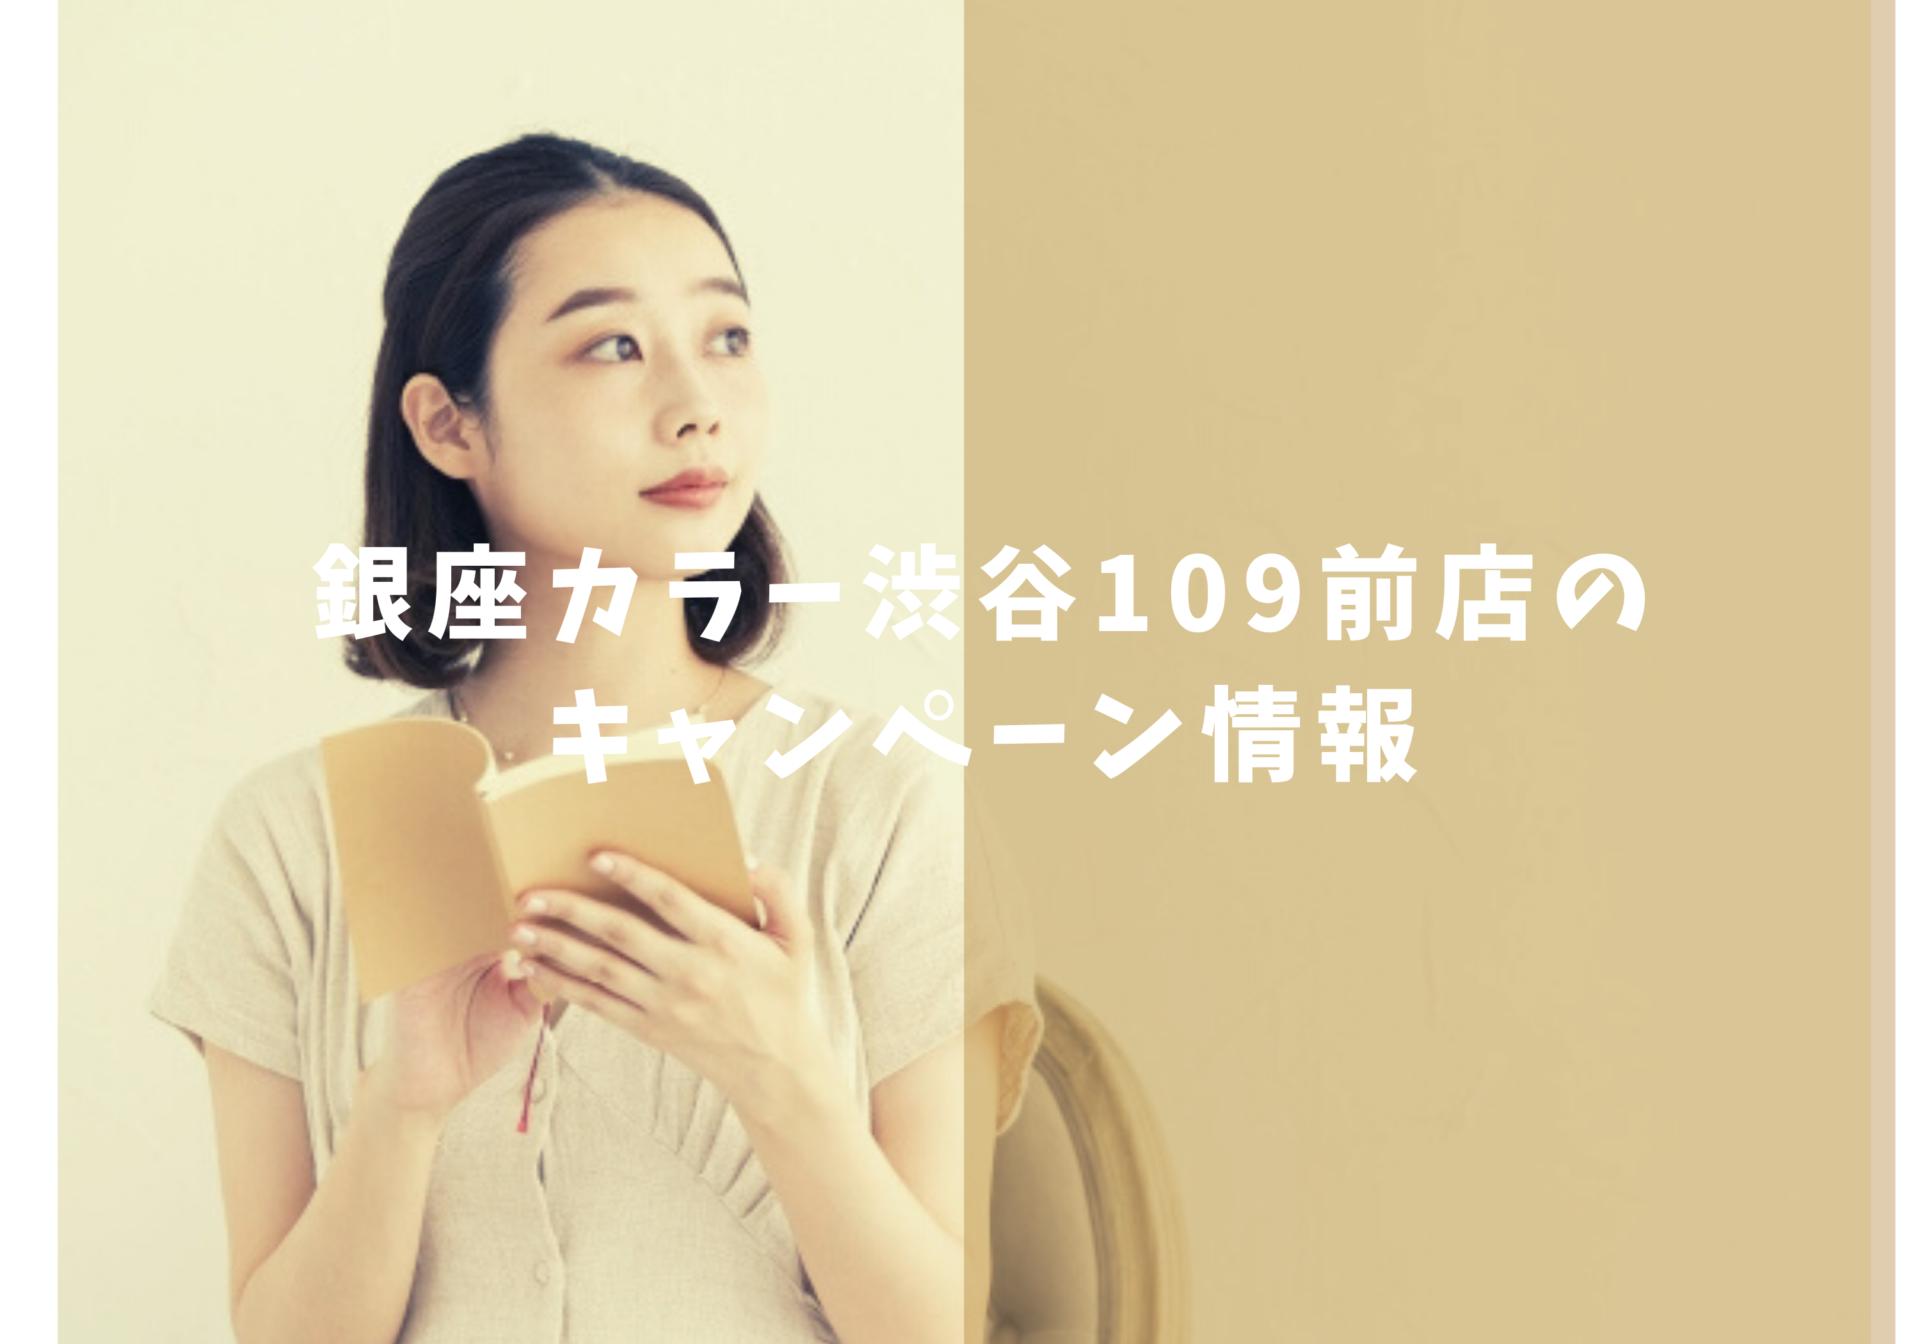 銀座カラー渋谷109前店キャンペーン情報